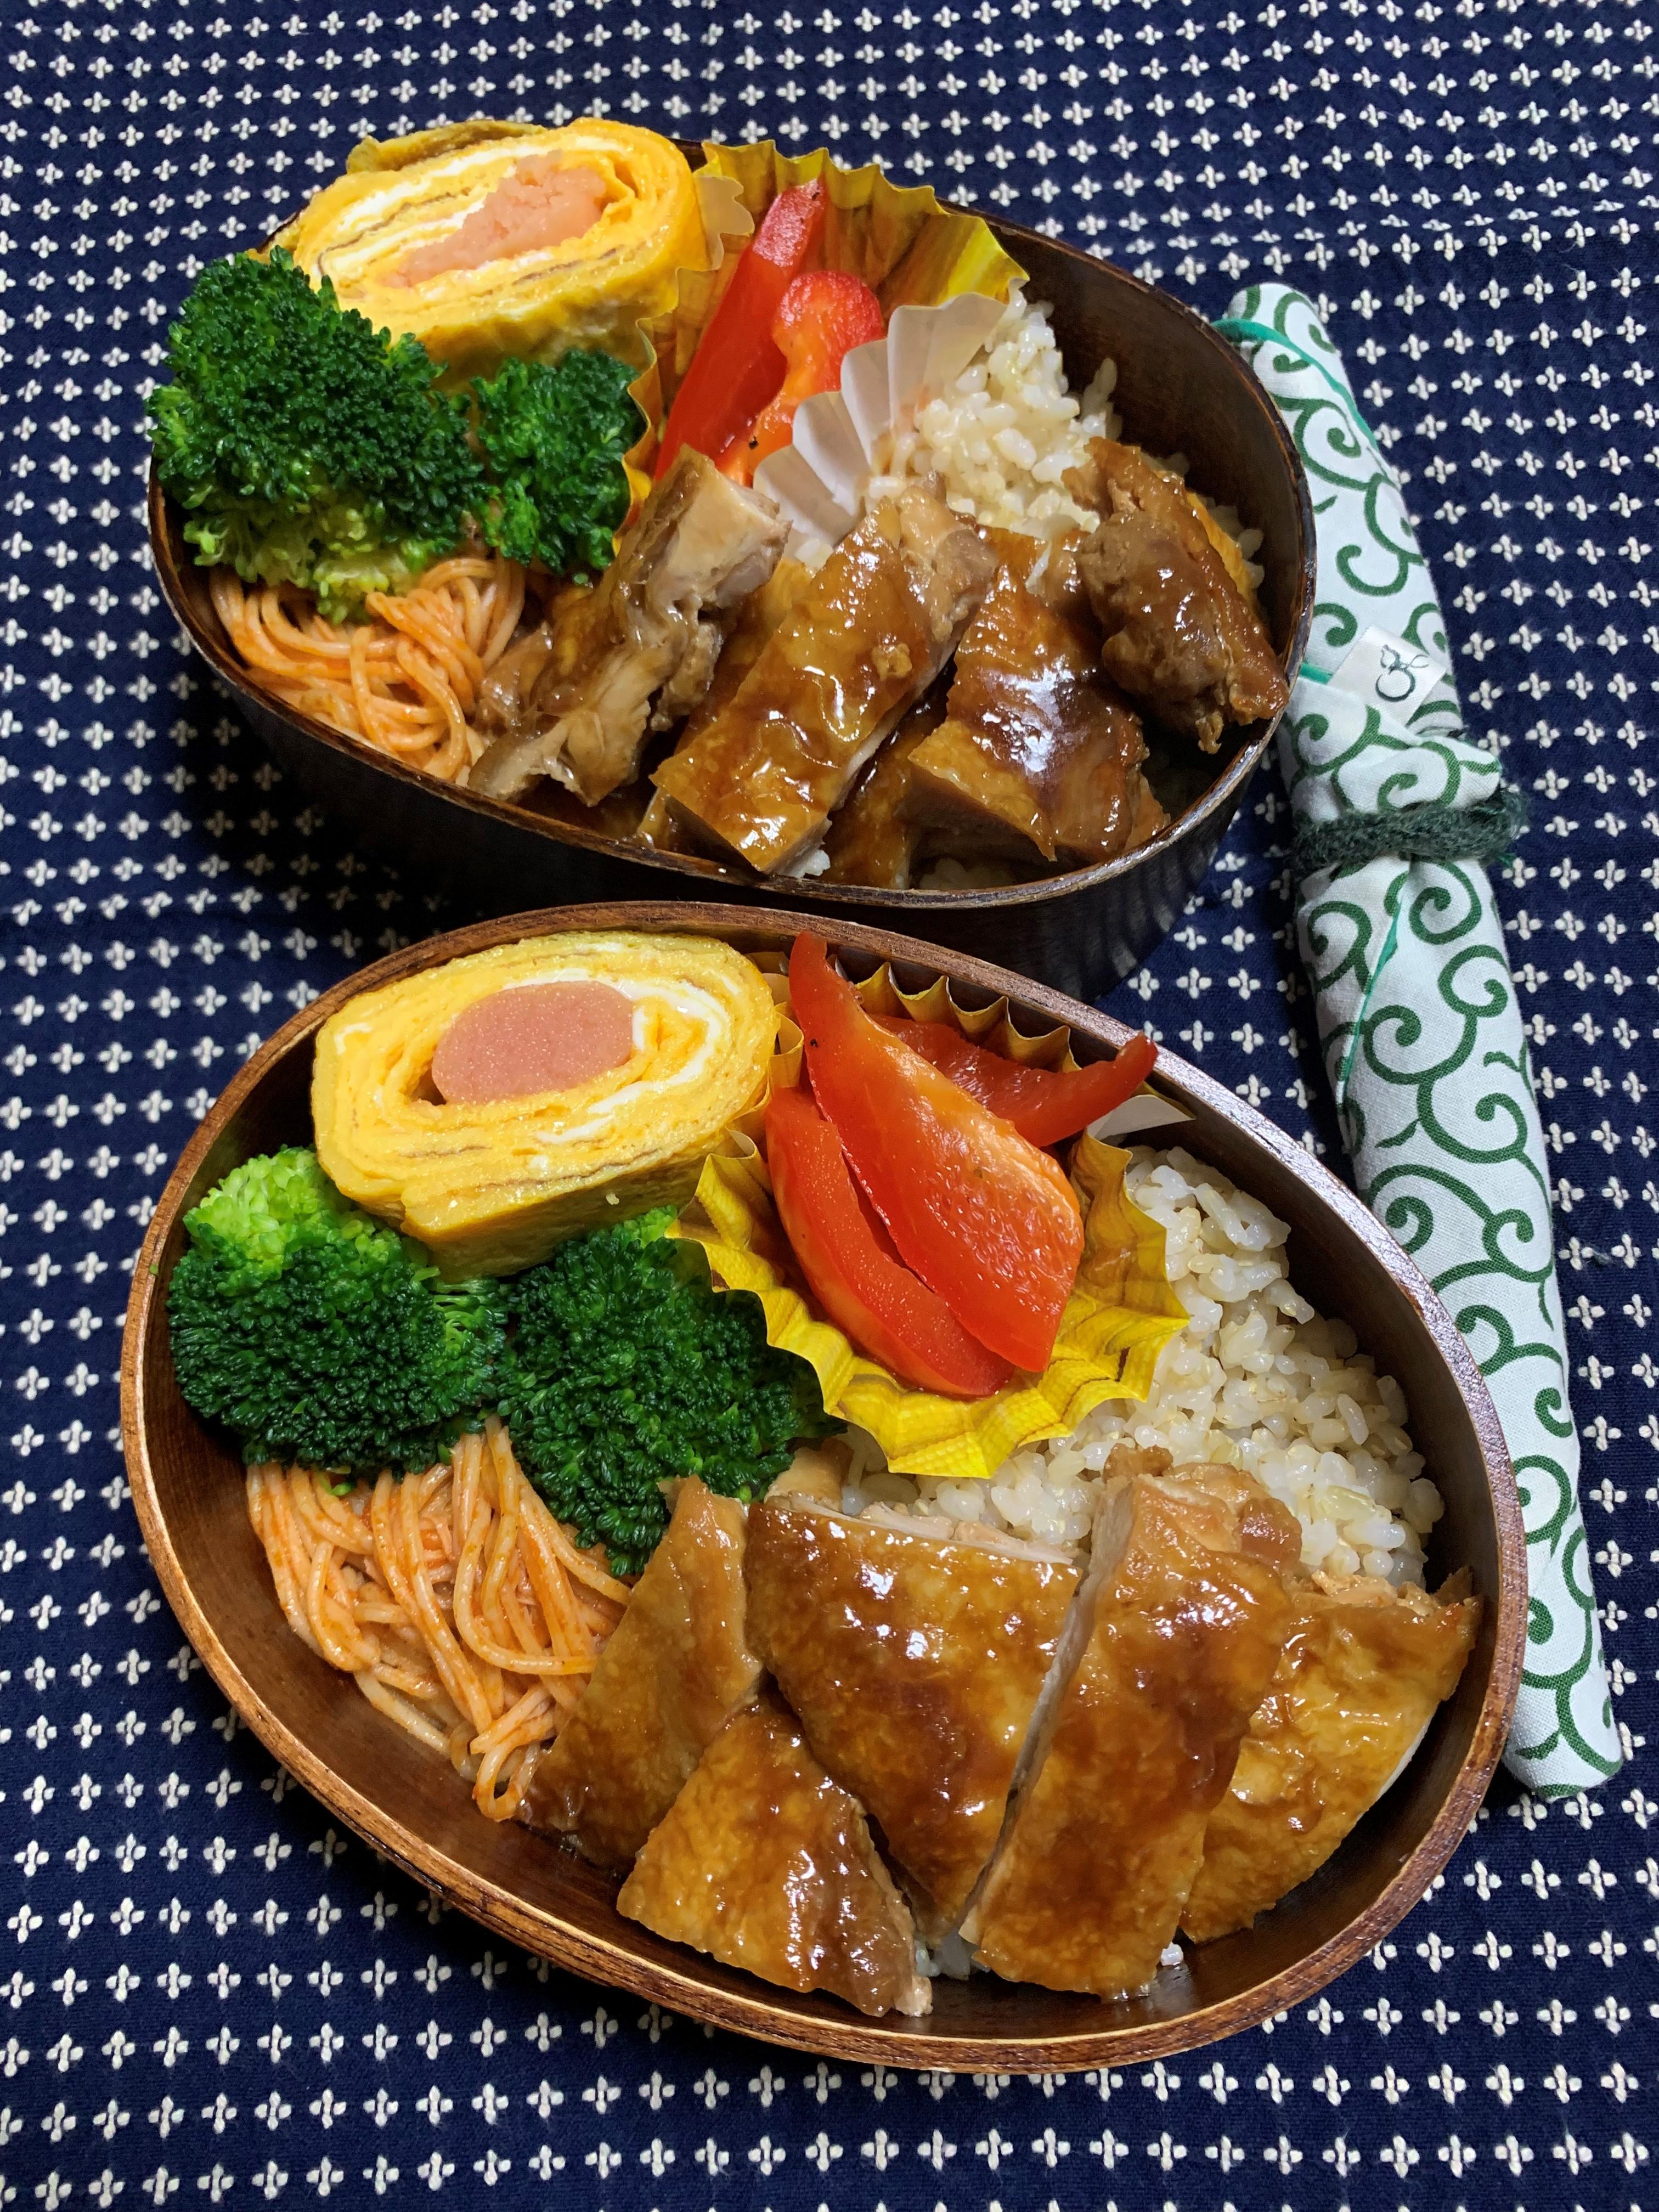 鶏の照焼き/ウォルタービショップJr